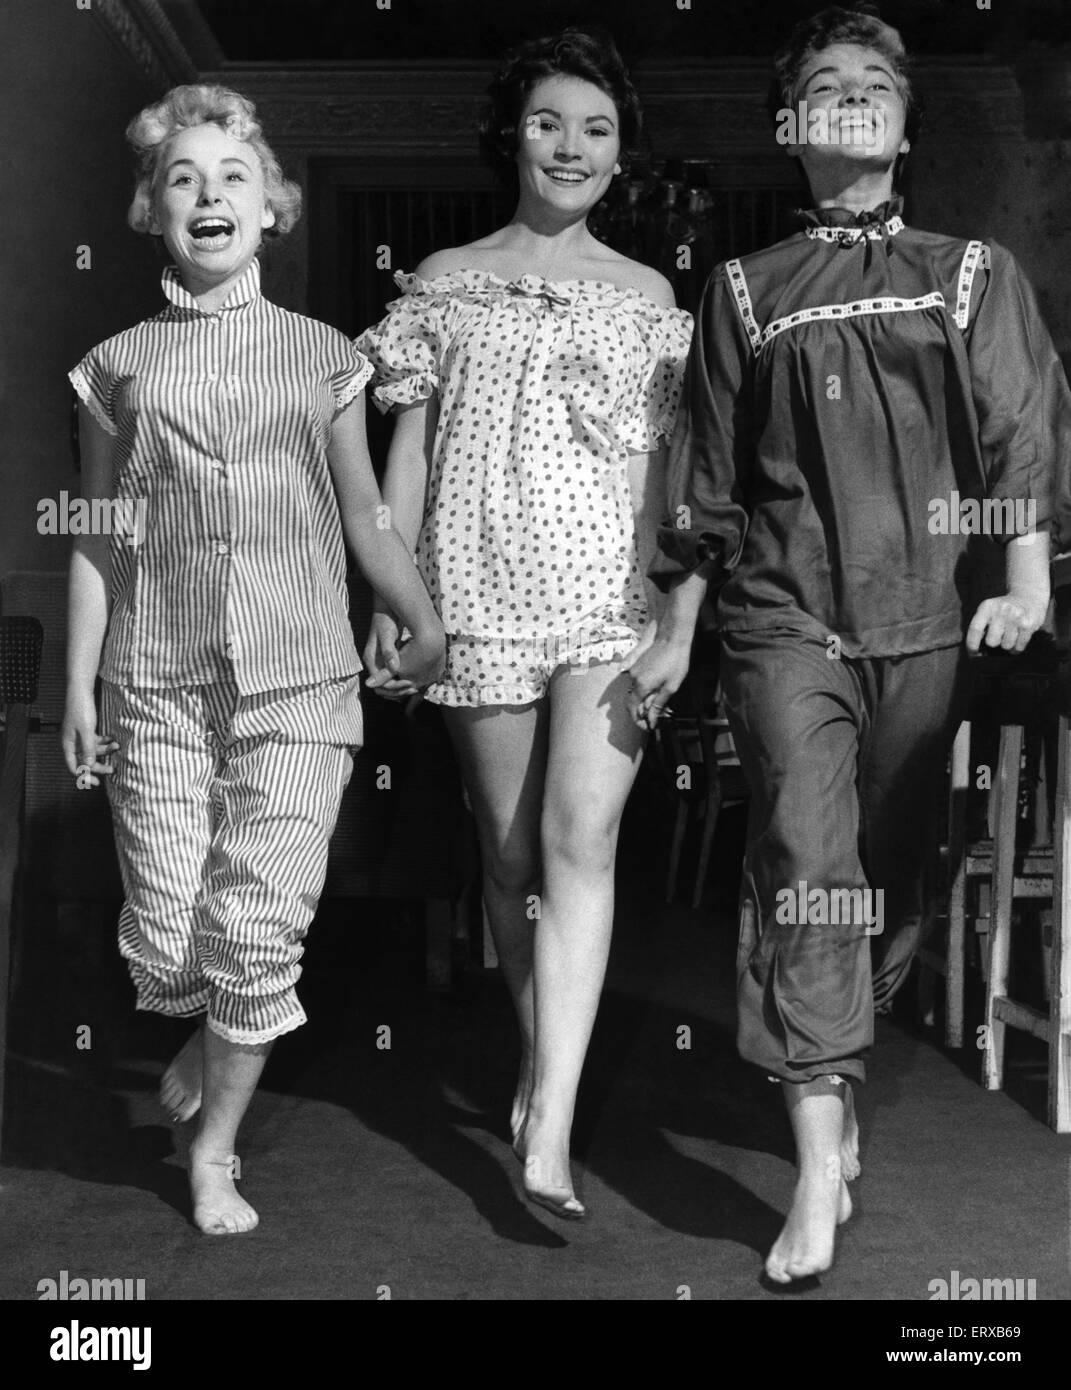 Drei weibliche Modelle in Nachtwäsche. September 1955 Stockbild